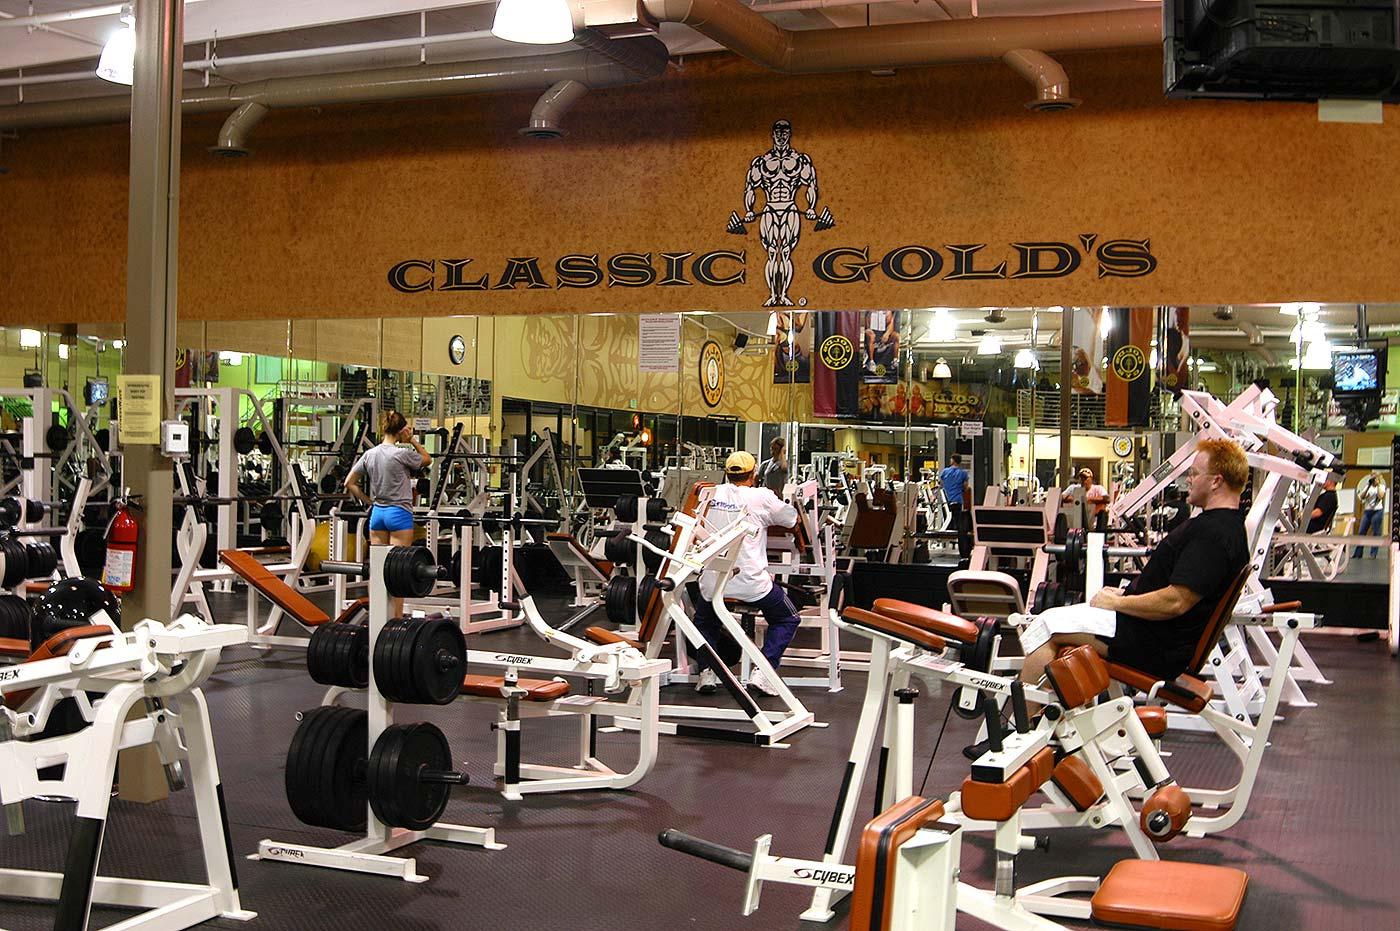 Gold Gym Weights